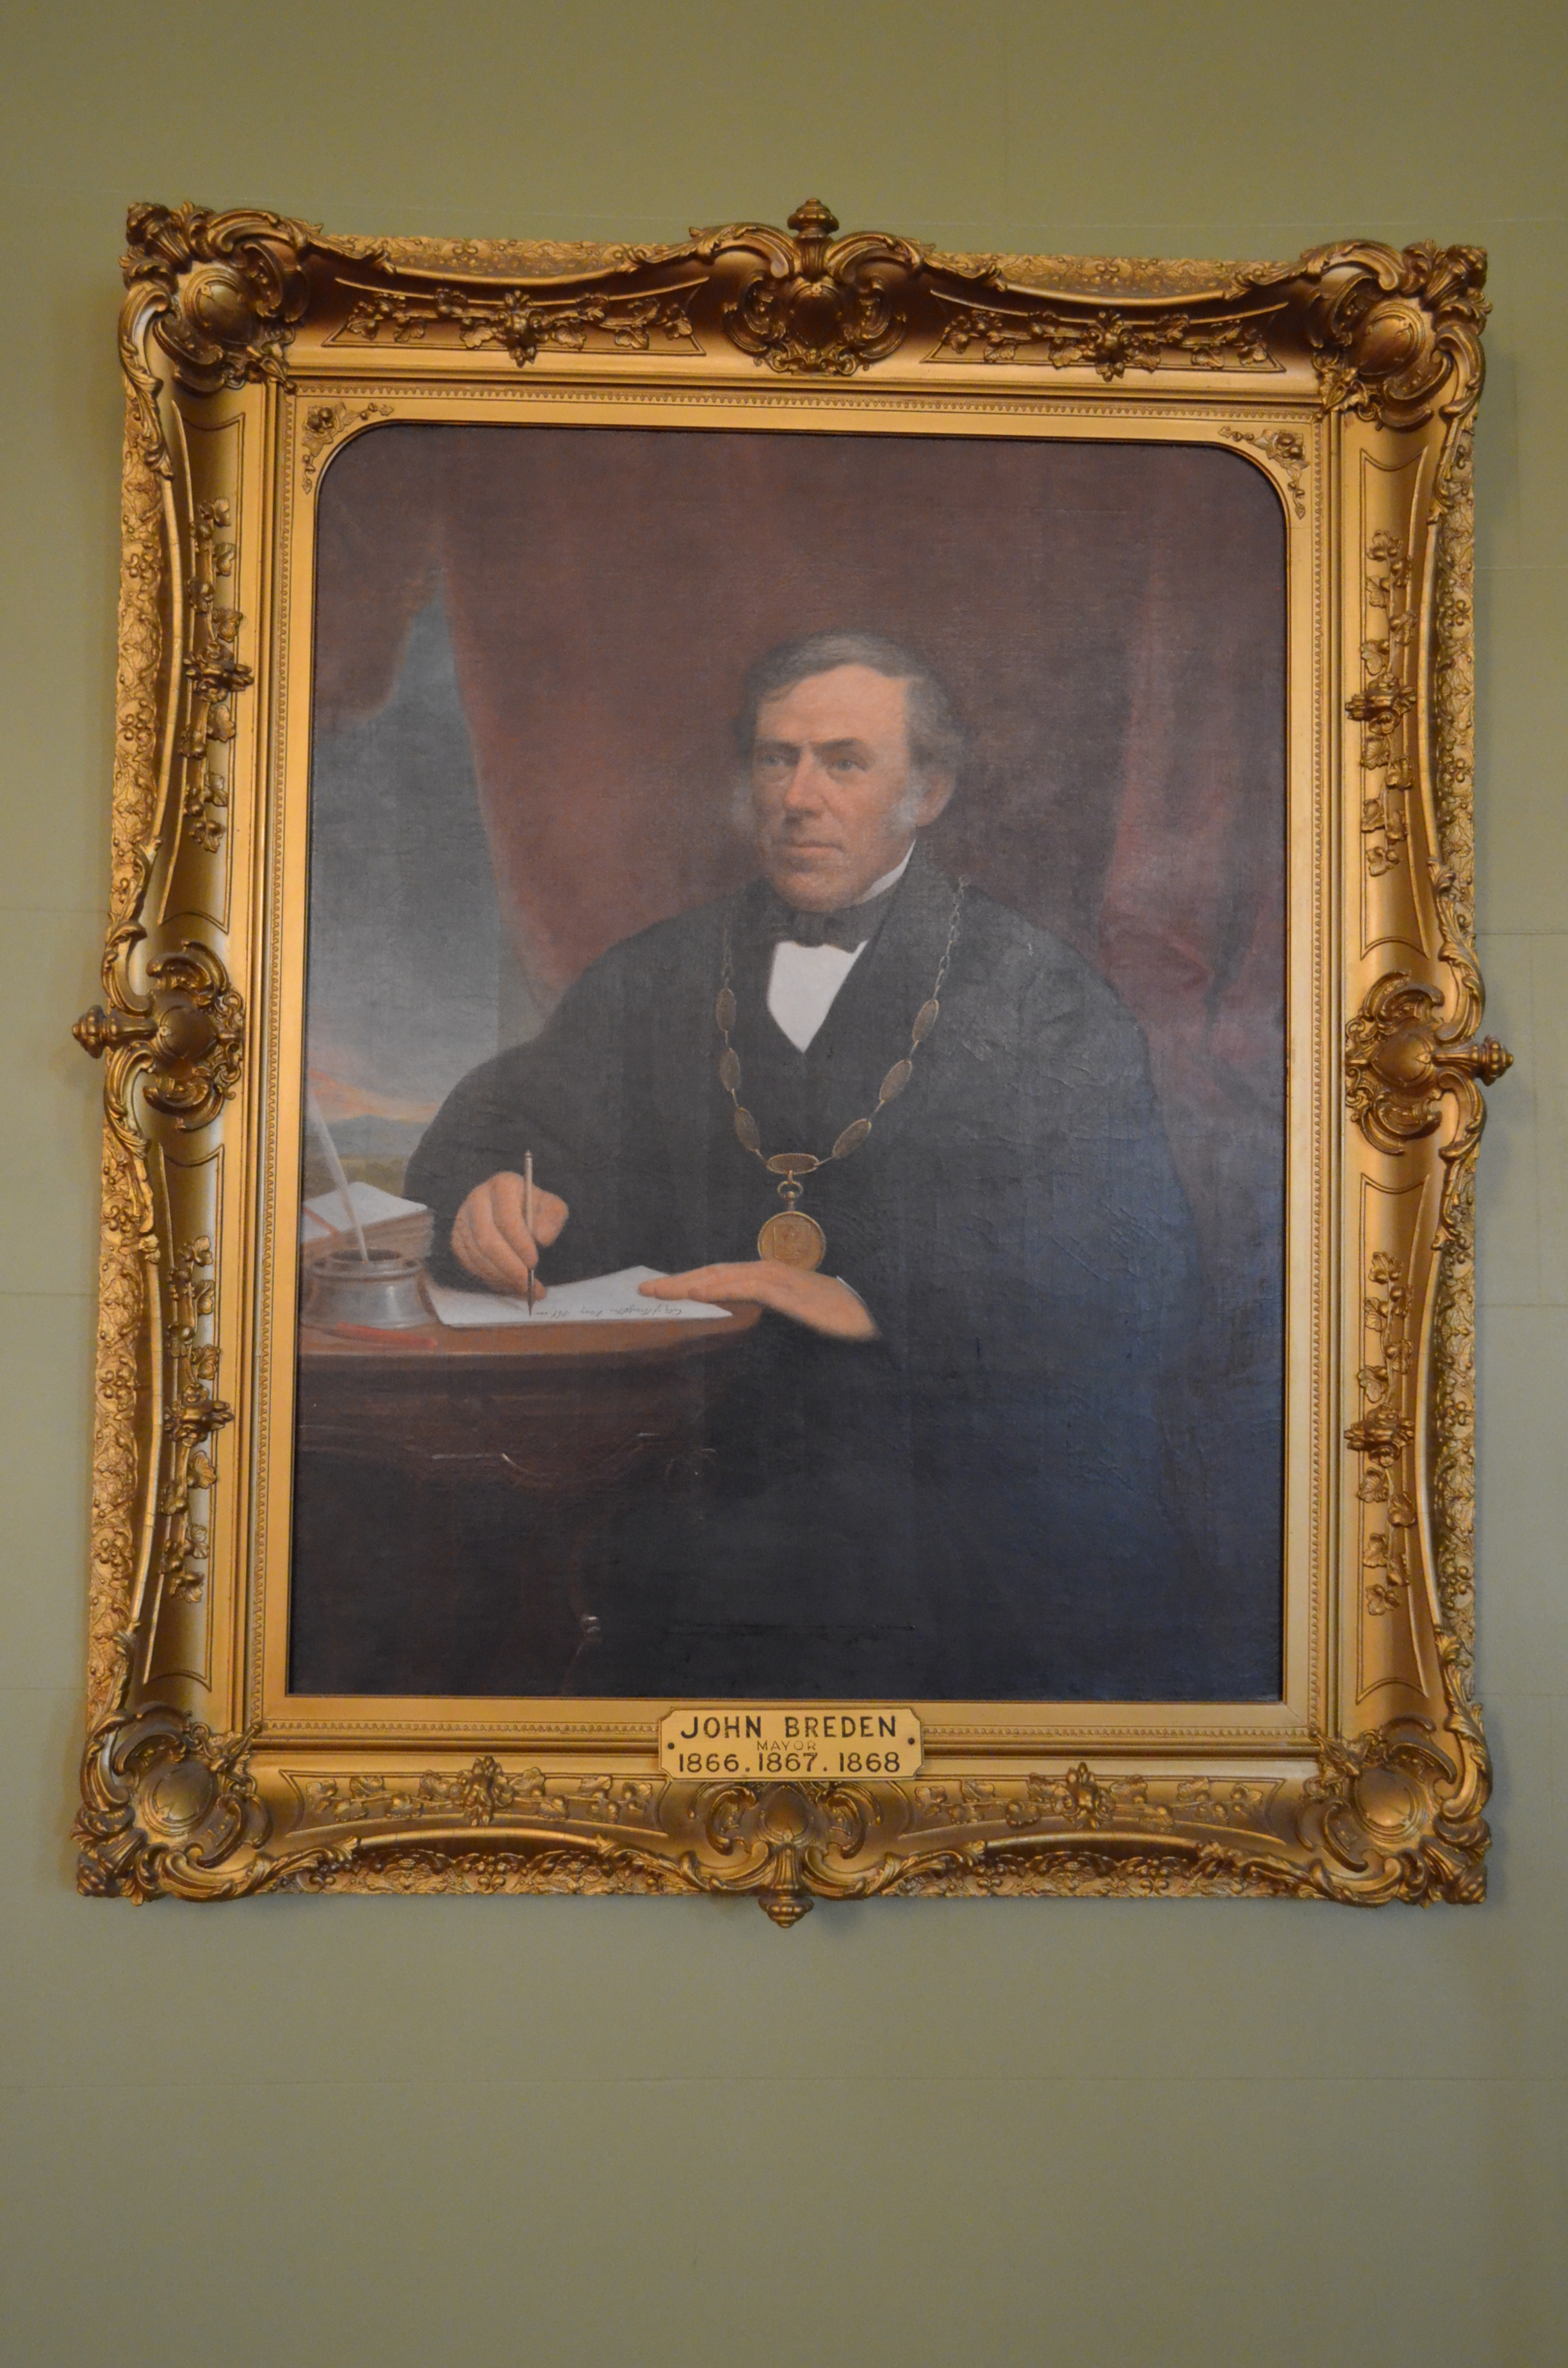 Portrait officiel de John Breden, maire de Kingston, assis à son bureau tenant une feuille et une plume.